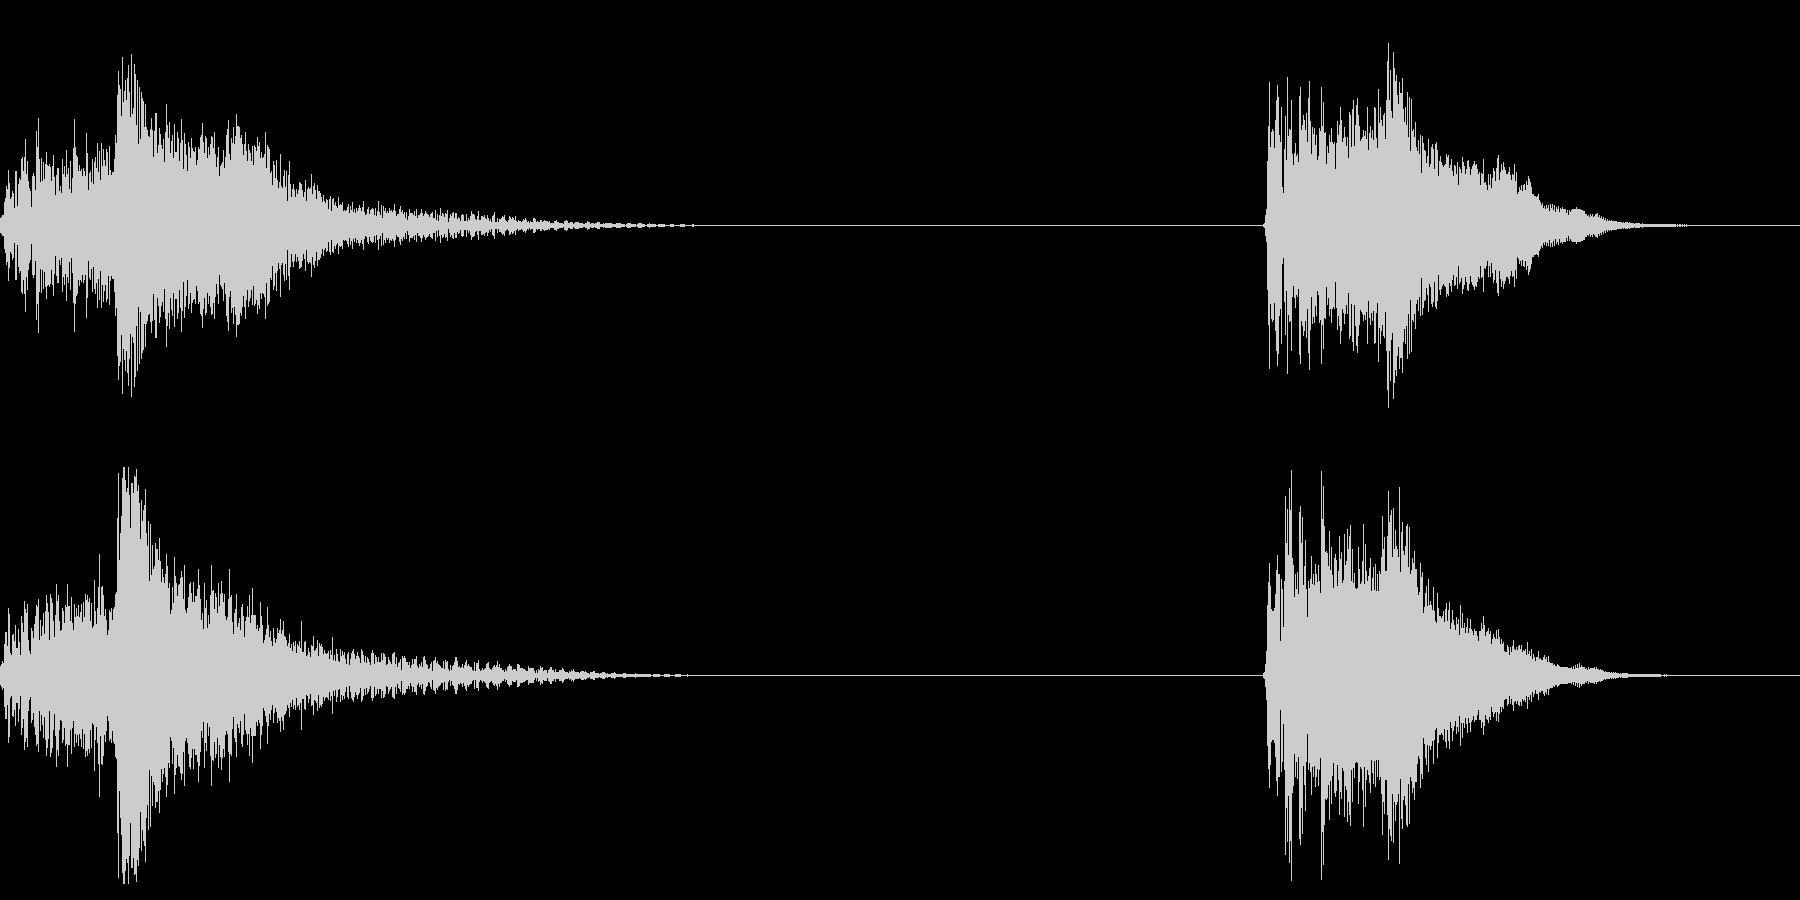 ウェットスケールヒット、2バージョ...の未再生の波形